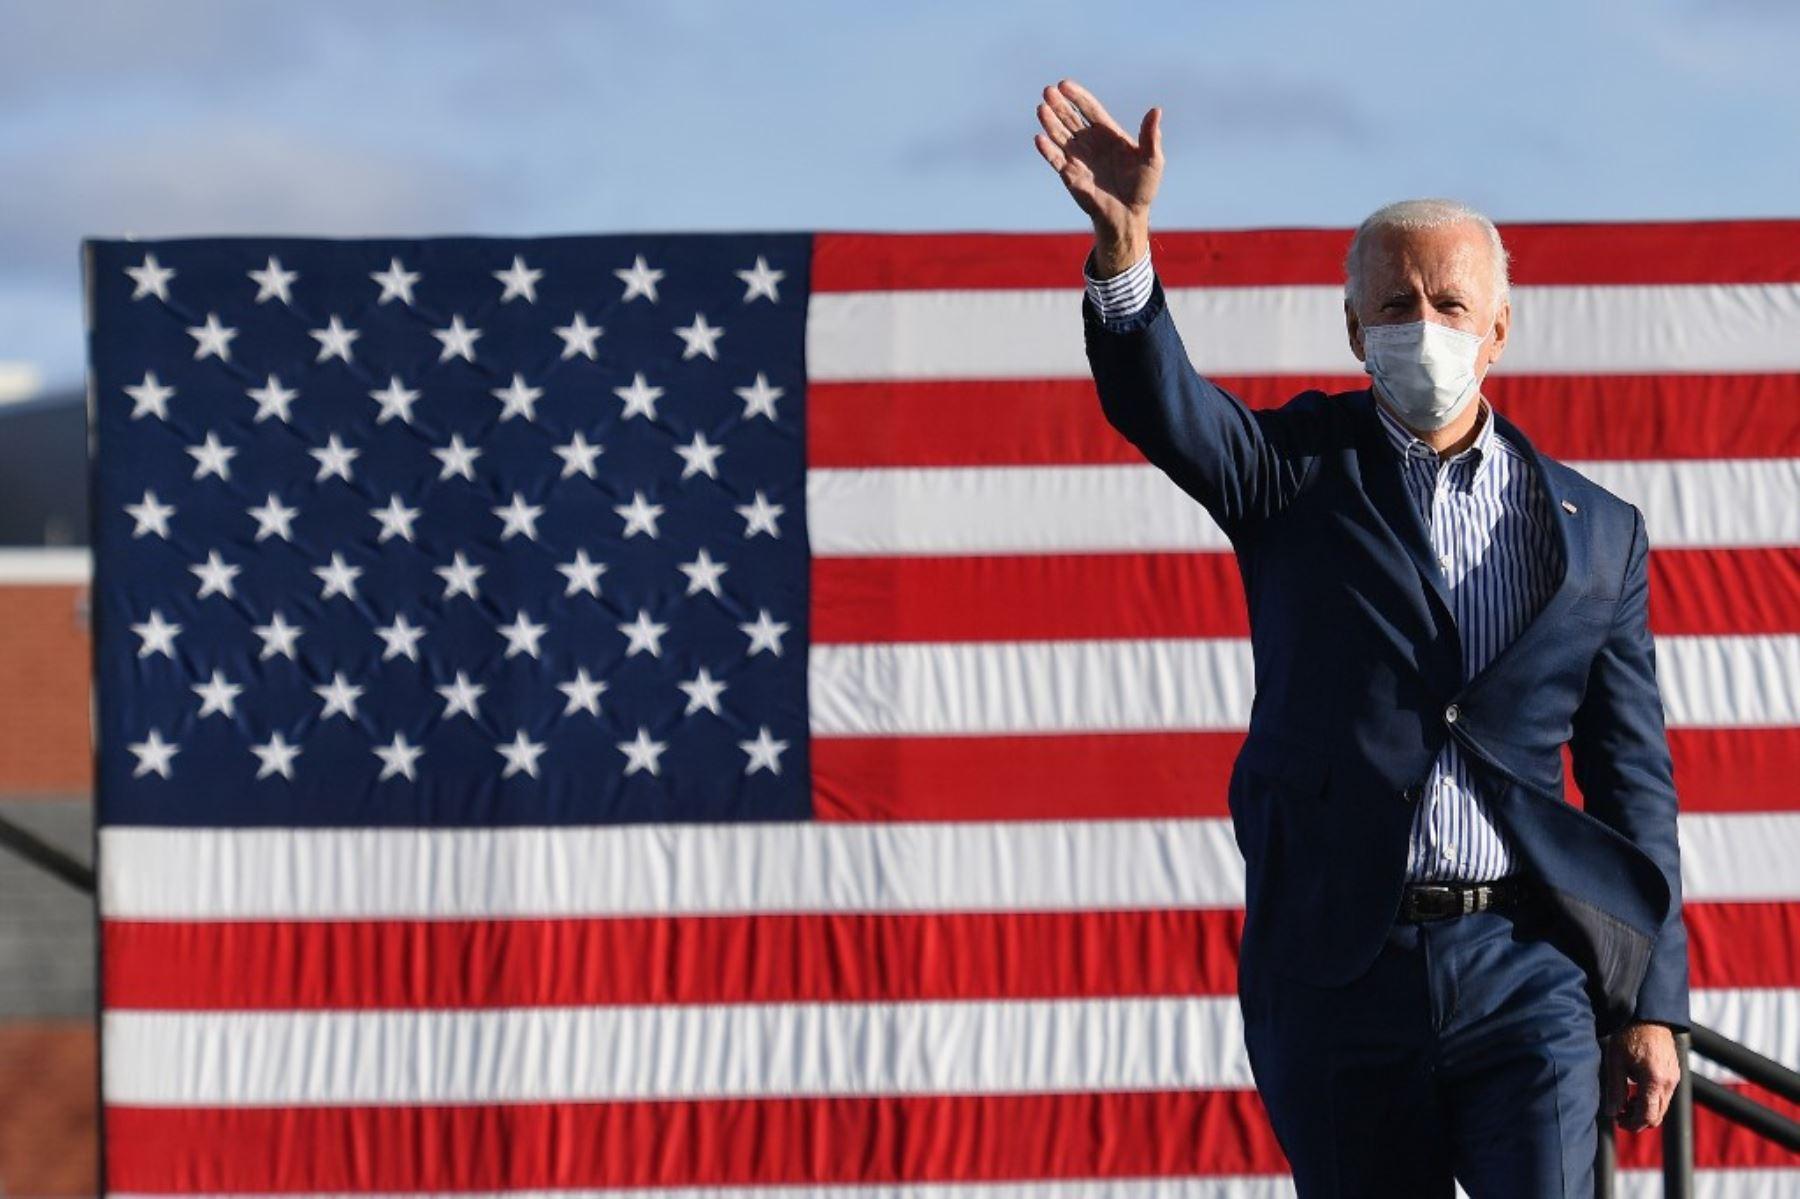 Servicio Secreto de EE. UU. refuerza seguridad de Joe Biden que se acerca a la Casa Blanca